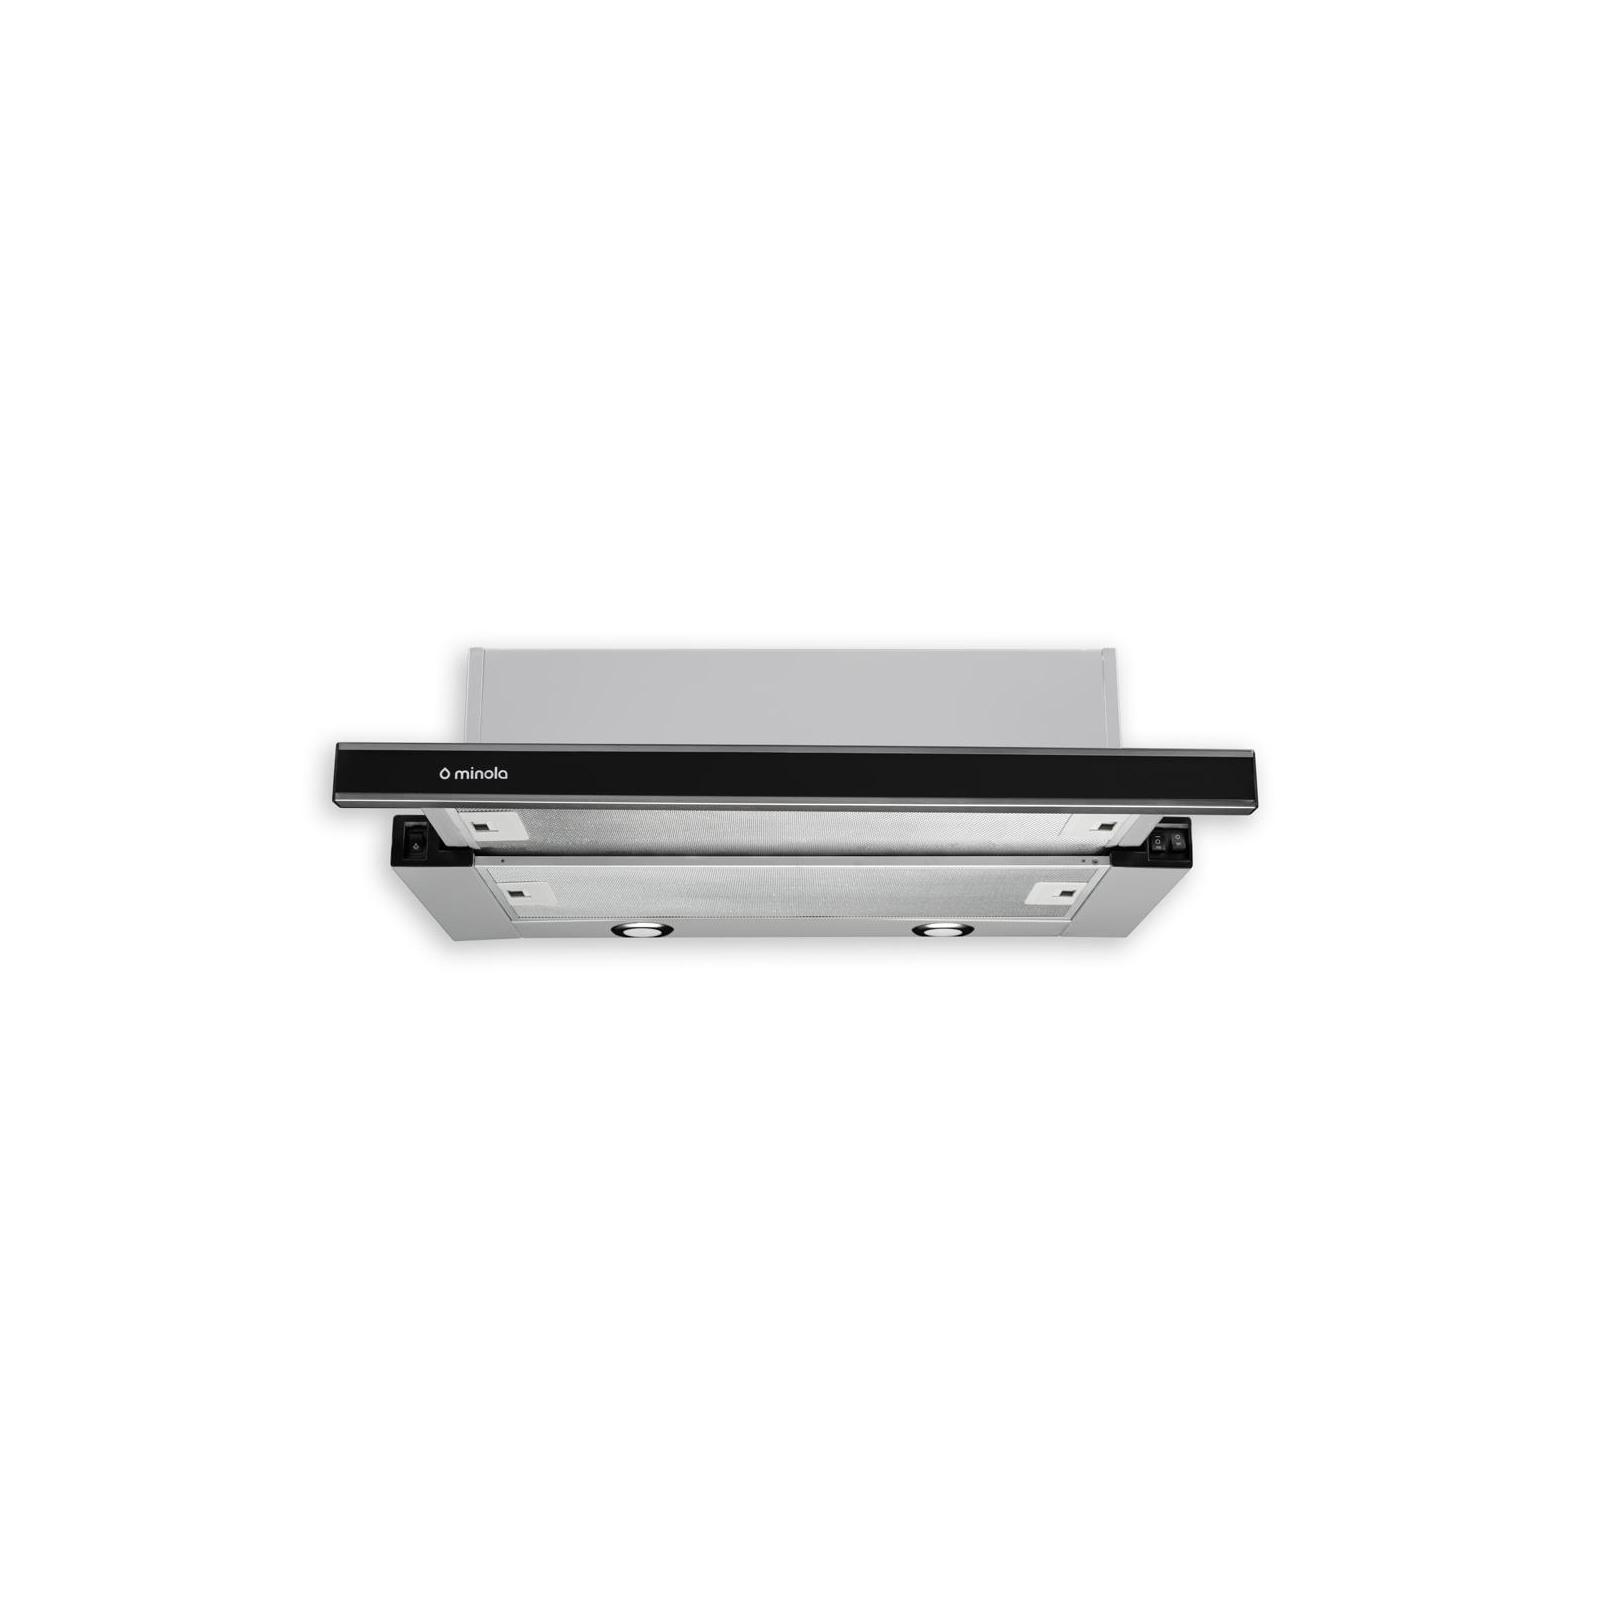 Вытяжка кухонная MINOLA HTL 6172 I/BL GLASS 650 LED изображение 2